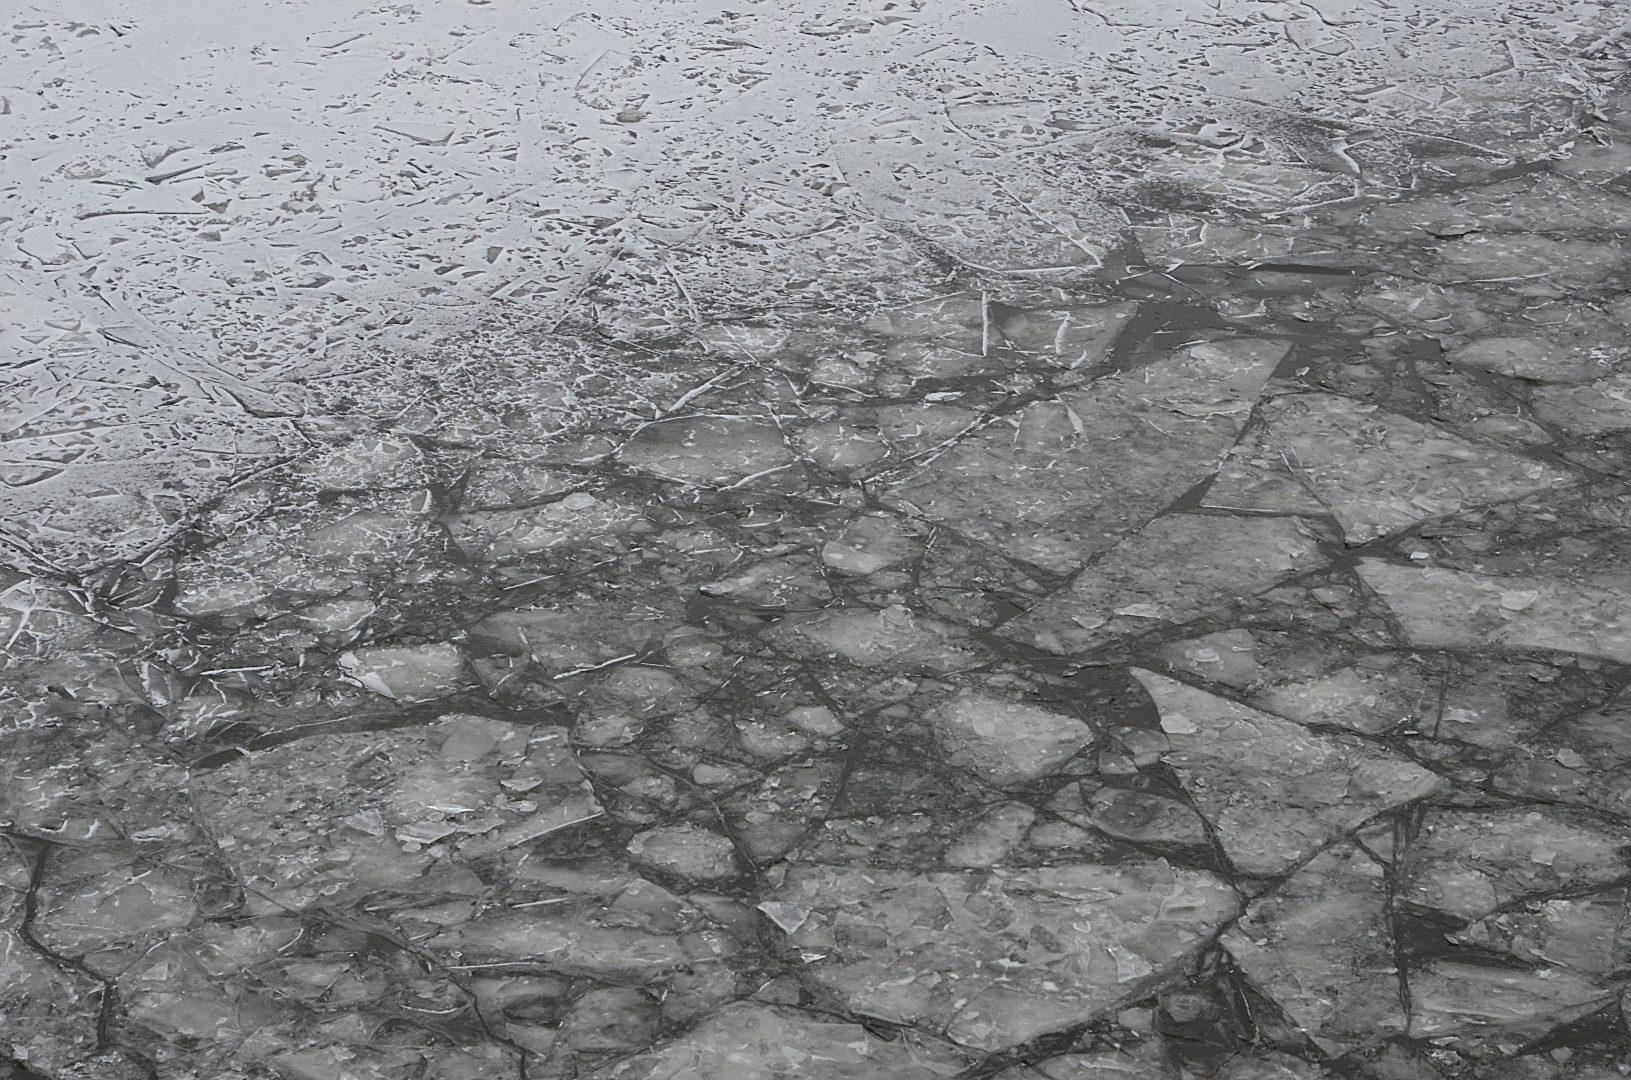 Проверку льдов на водоеме провели в Десеновском. Фото: Анна Быкова